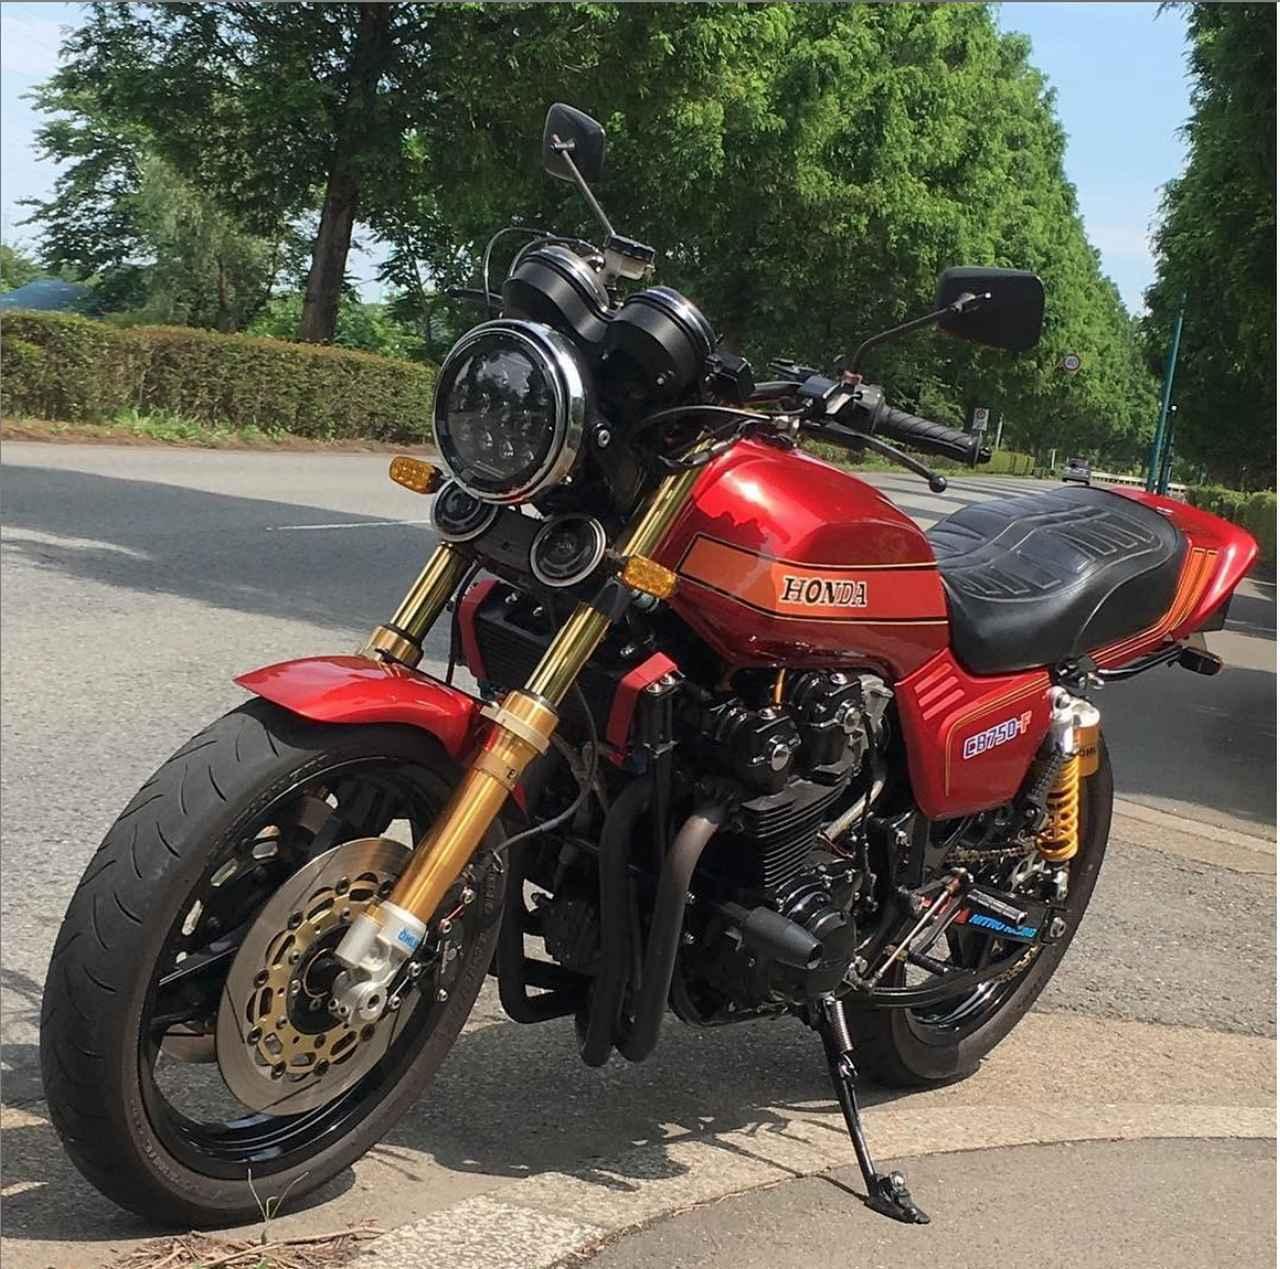 画像: バイクを手にした時の嬉びって忘れられない!【リトホンインスタ部vol.36】 - A Little Honda